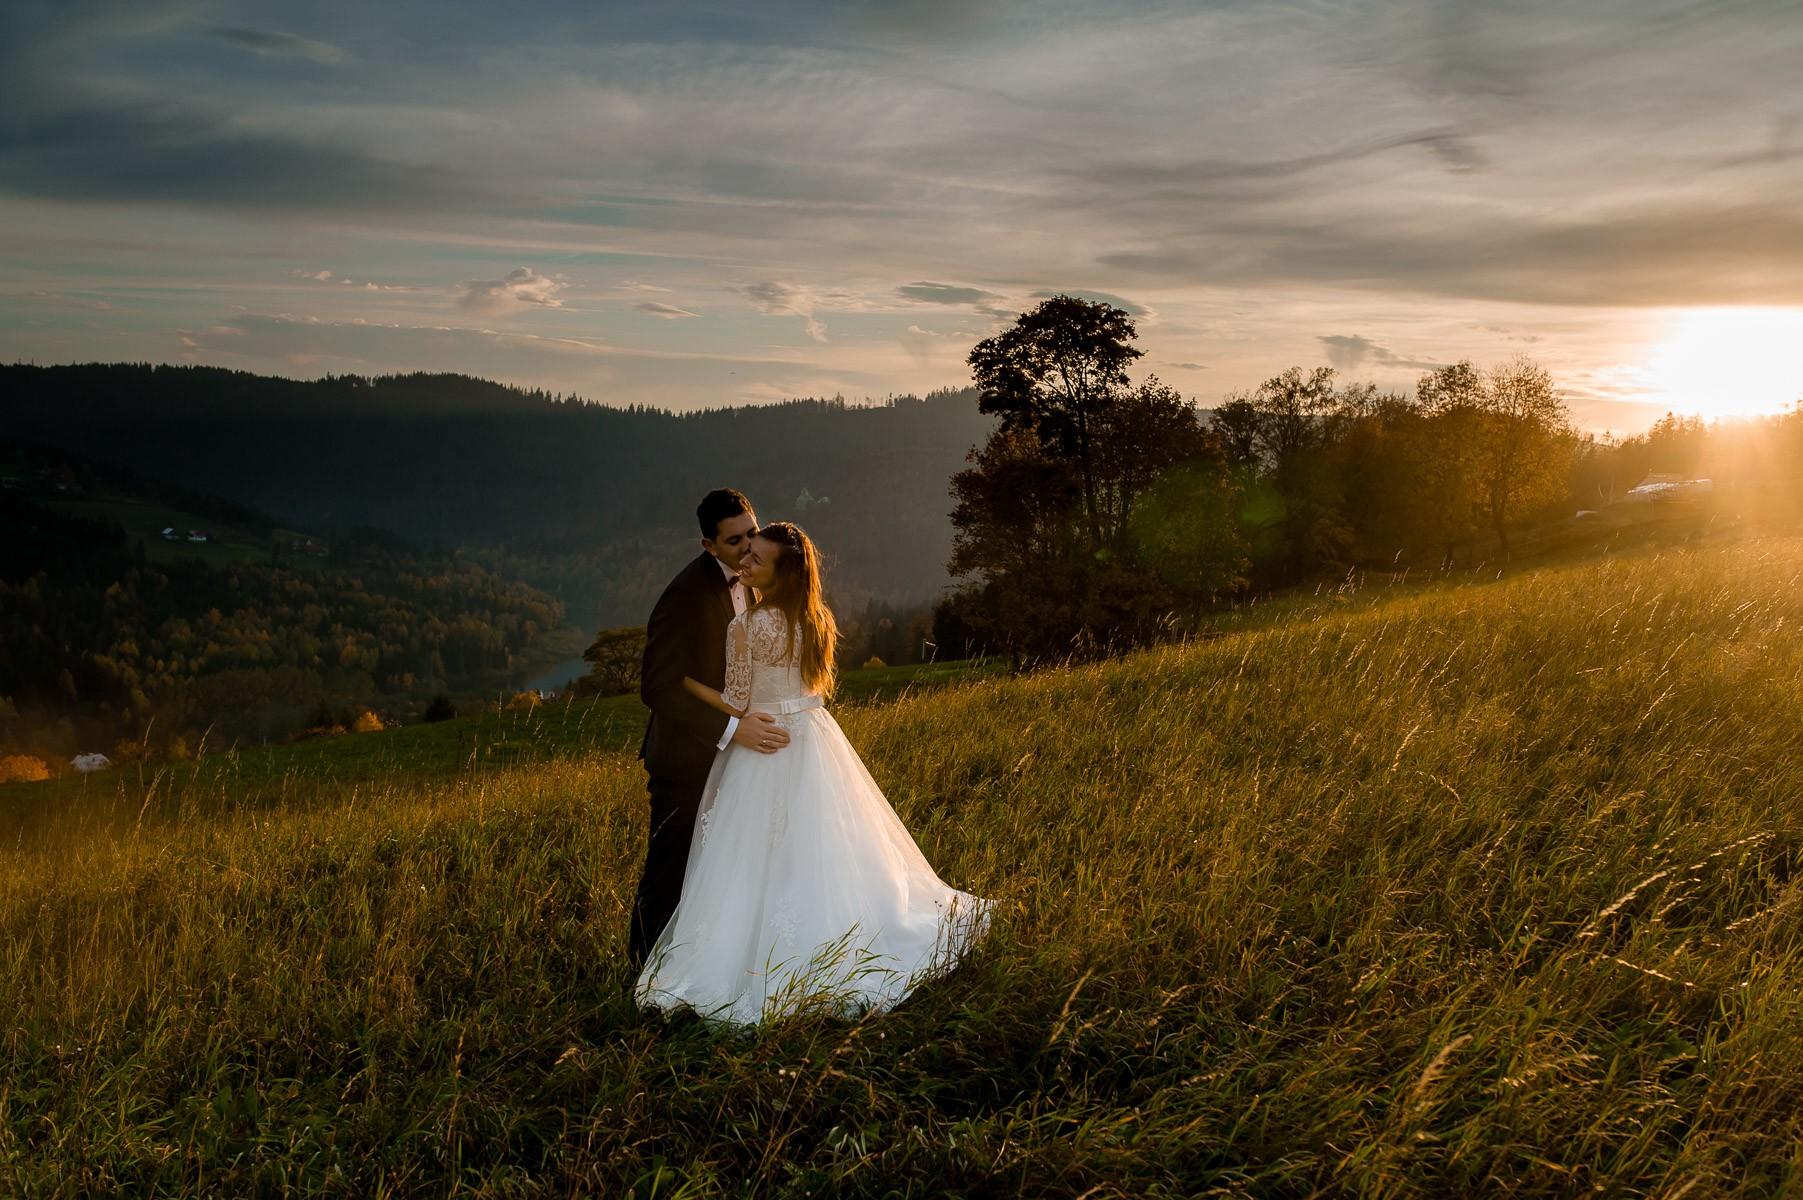 sala na skarpie fotograf slubny slask malopolska adam pietrusiak plener slubny w gorach jw wedding 199